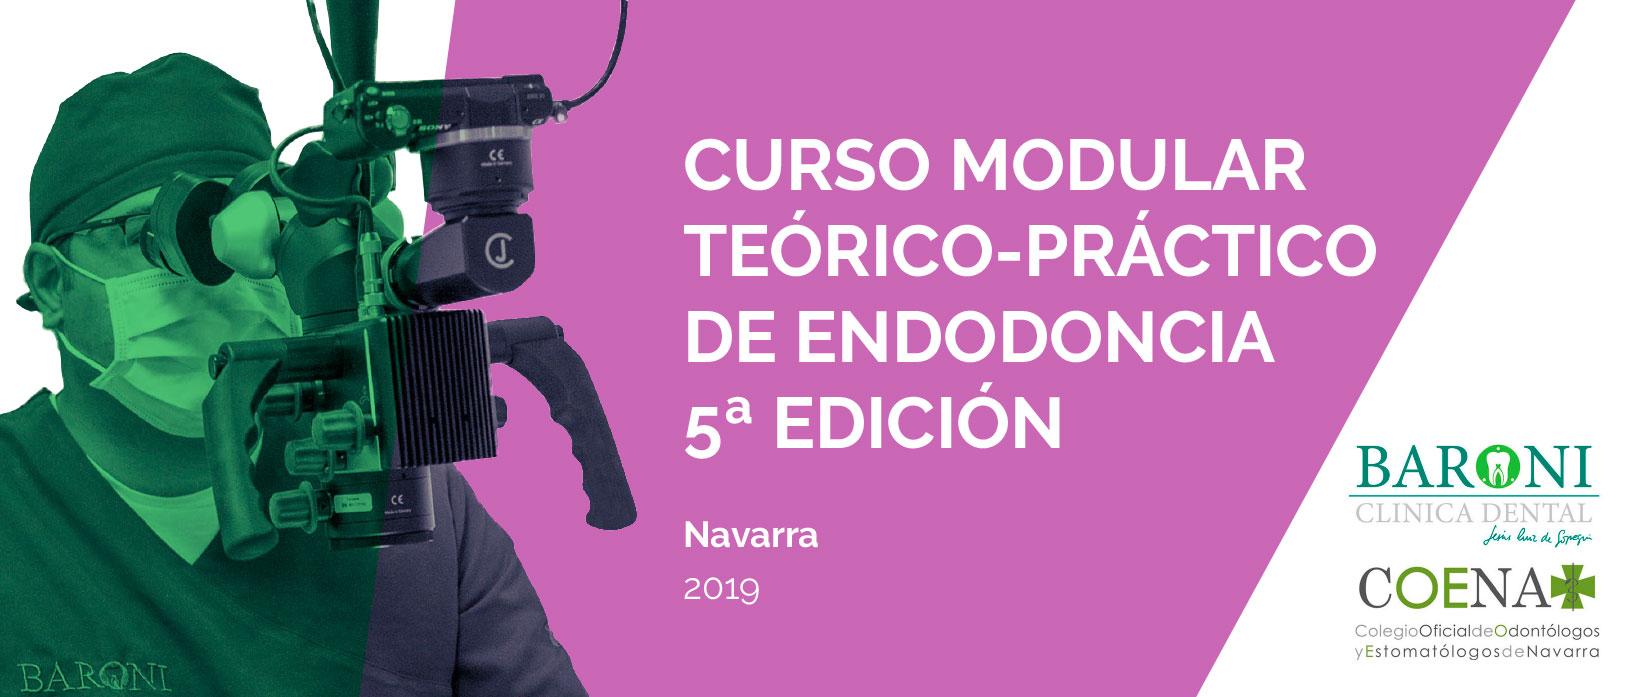 Curso modular de endodoncia en Navarra